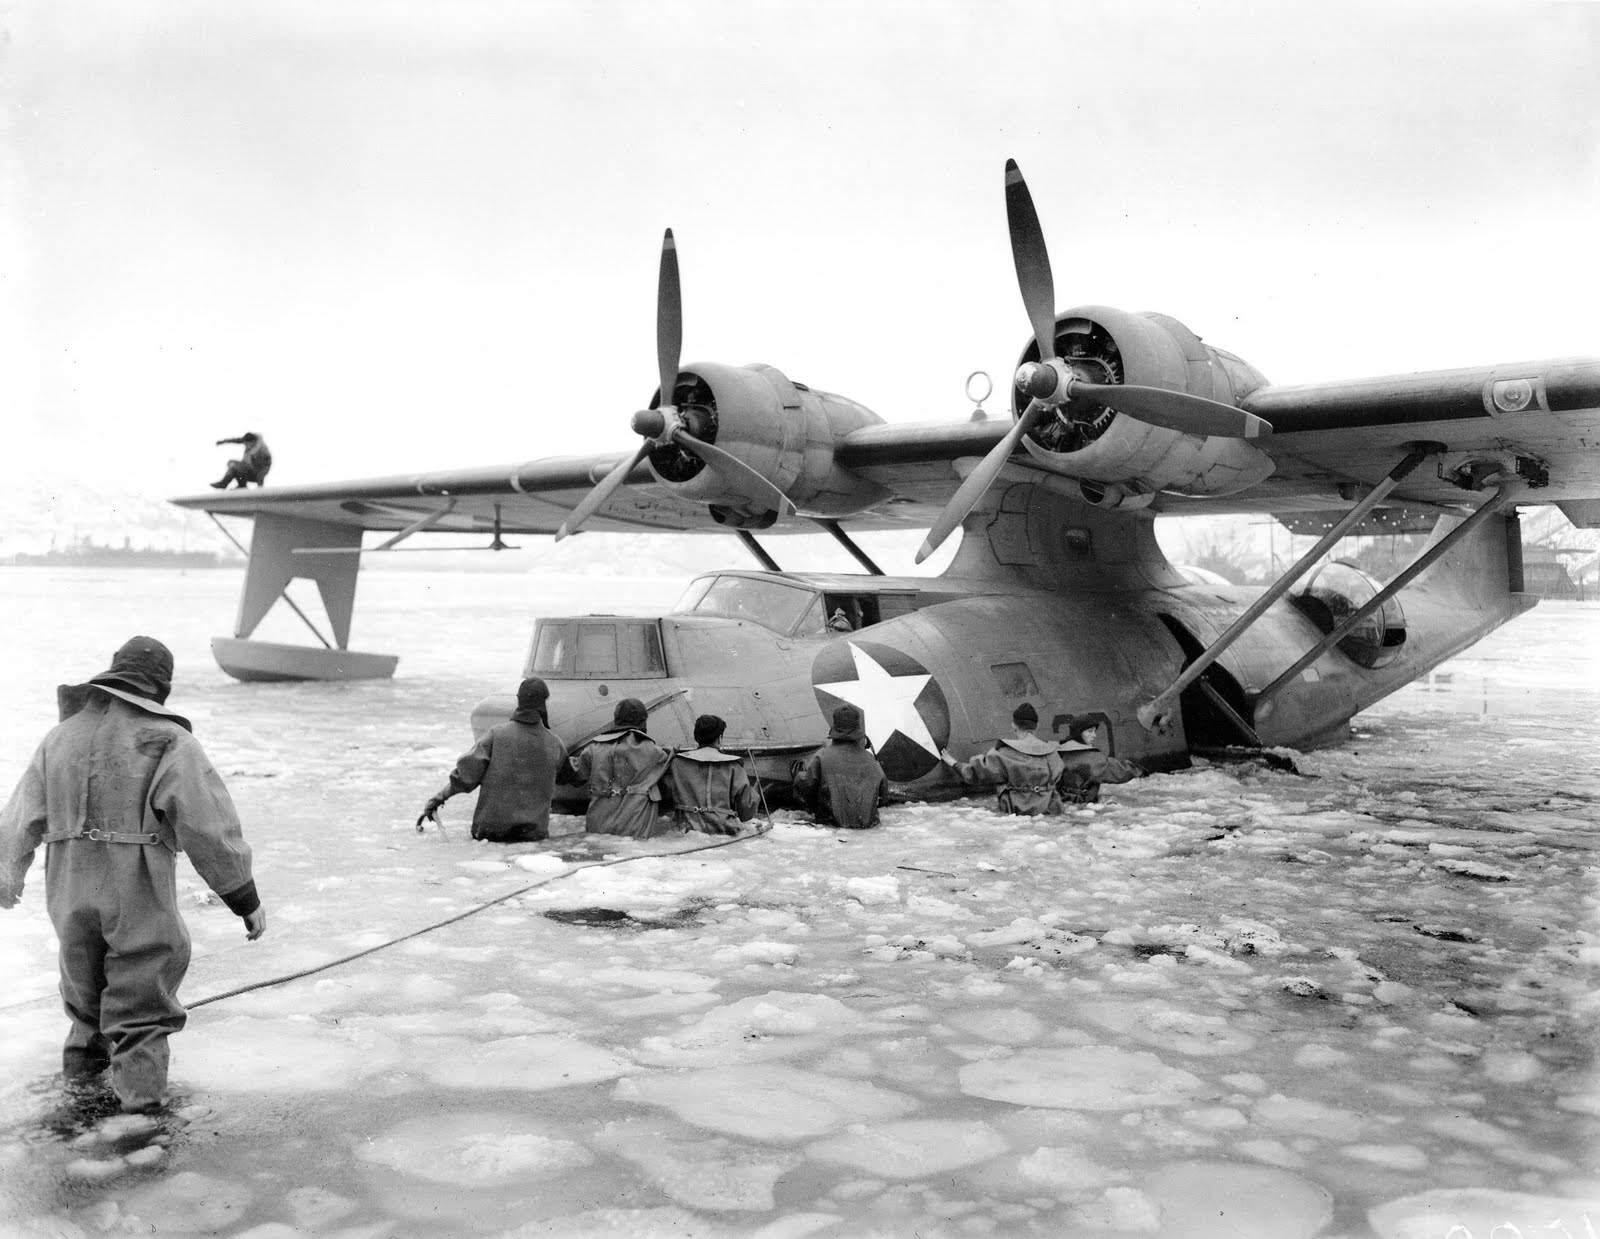 air catalina9 - Des membres de l'US NAVY tente de sortir de la glace d'Alaska un PBY-5A entre mai 1942 et janvier 1943